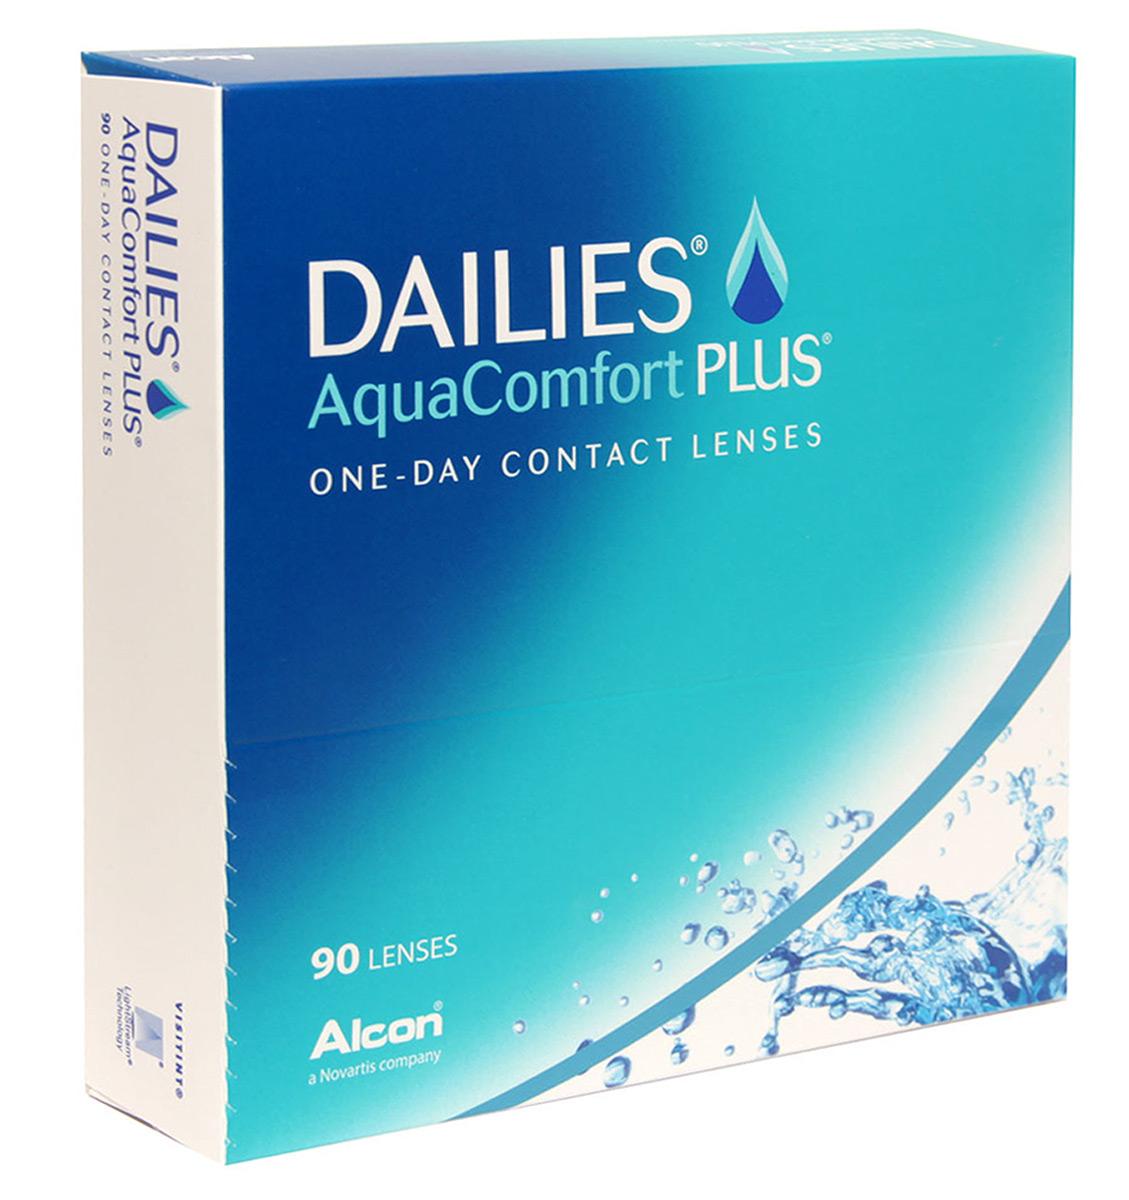 Alcon-CIBA Vision контактные линзы Dailies AquaComfort Plus (90шт / 8.7 / 14.0 / +0.50)38343Dailies Aqua Comfort Plus (90 блистеров) – это одни из самых популярных однодневных линз производства компании CIBA VISION. Эти линзы пользуются огромной популярностью во всем мире и являются на сегодняшний день самыми безопасными контактными линзами. Изготавливаются линзы из современного, 100% безопасного материала нелфилкон А. Особенность этого материала в том, что он легко пропускает воздух и хорошо сохраняет влагу. Однодневные контактные линзы Dailies Aqua Comfort Plus не нуждаются в дополнительном уходе и затратах, каждый день вы надеваете свежую пару линз. Дизайн линзы биосовместимый, что гарантирует безупречный комфорт. Самое главное достоинство Dailies Aqua Comfort Plus – это их уникальная система увлажнения. Благодаря этой разработке линзы увлажняются тремя различными агентами. Первый компонент, ухаживающий за линзами, находится в растворе, он как бы обволакивает линзу, обеспечивая чрезвычайно комфортное надевание. Второй агент выделяется на протяжении всего дня, он...